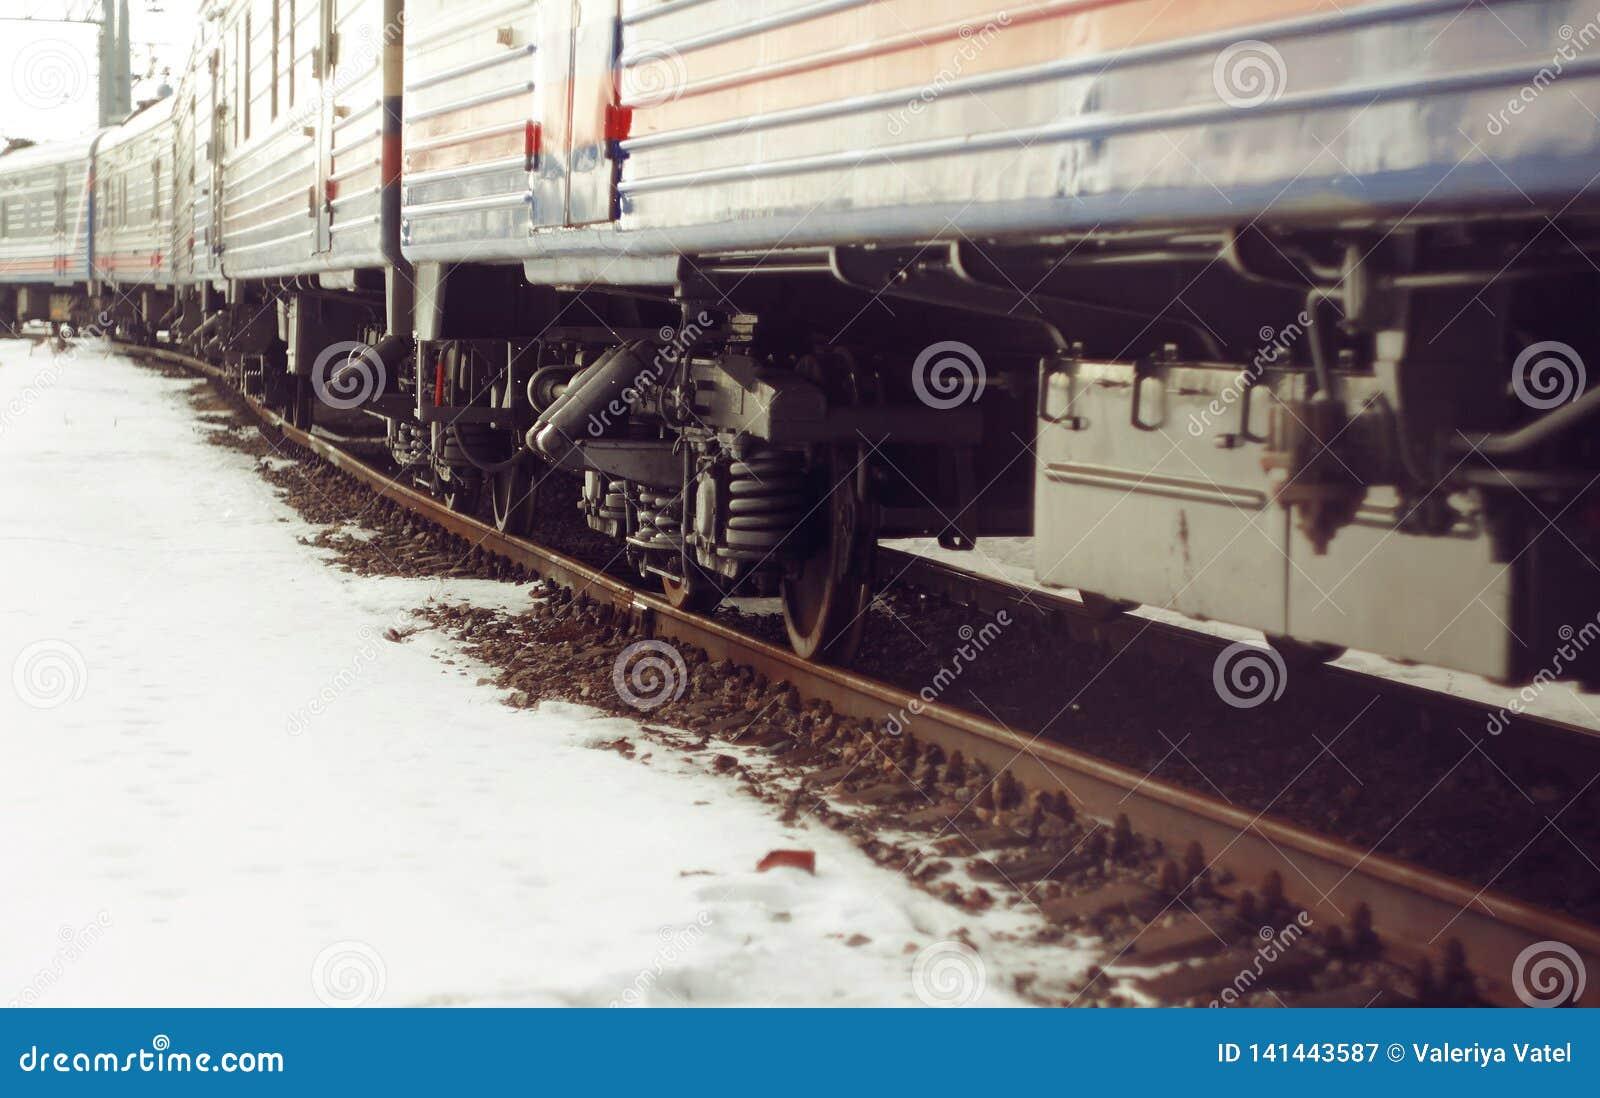 车辆纵列,站立在路轨,用铁锈盖